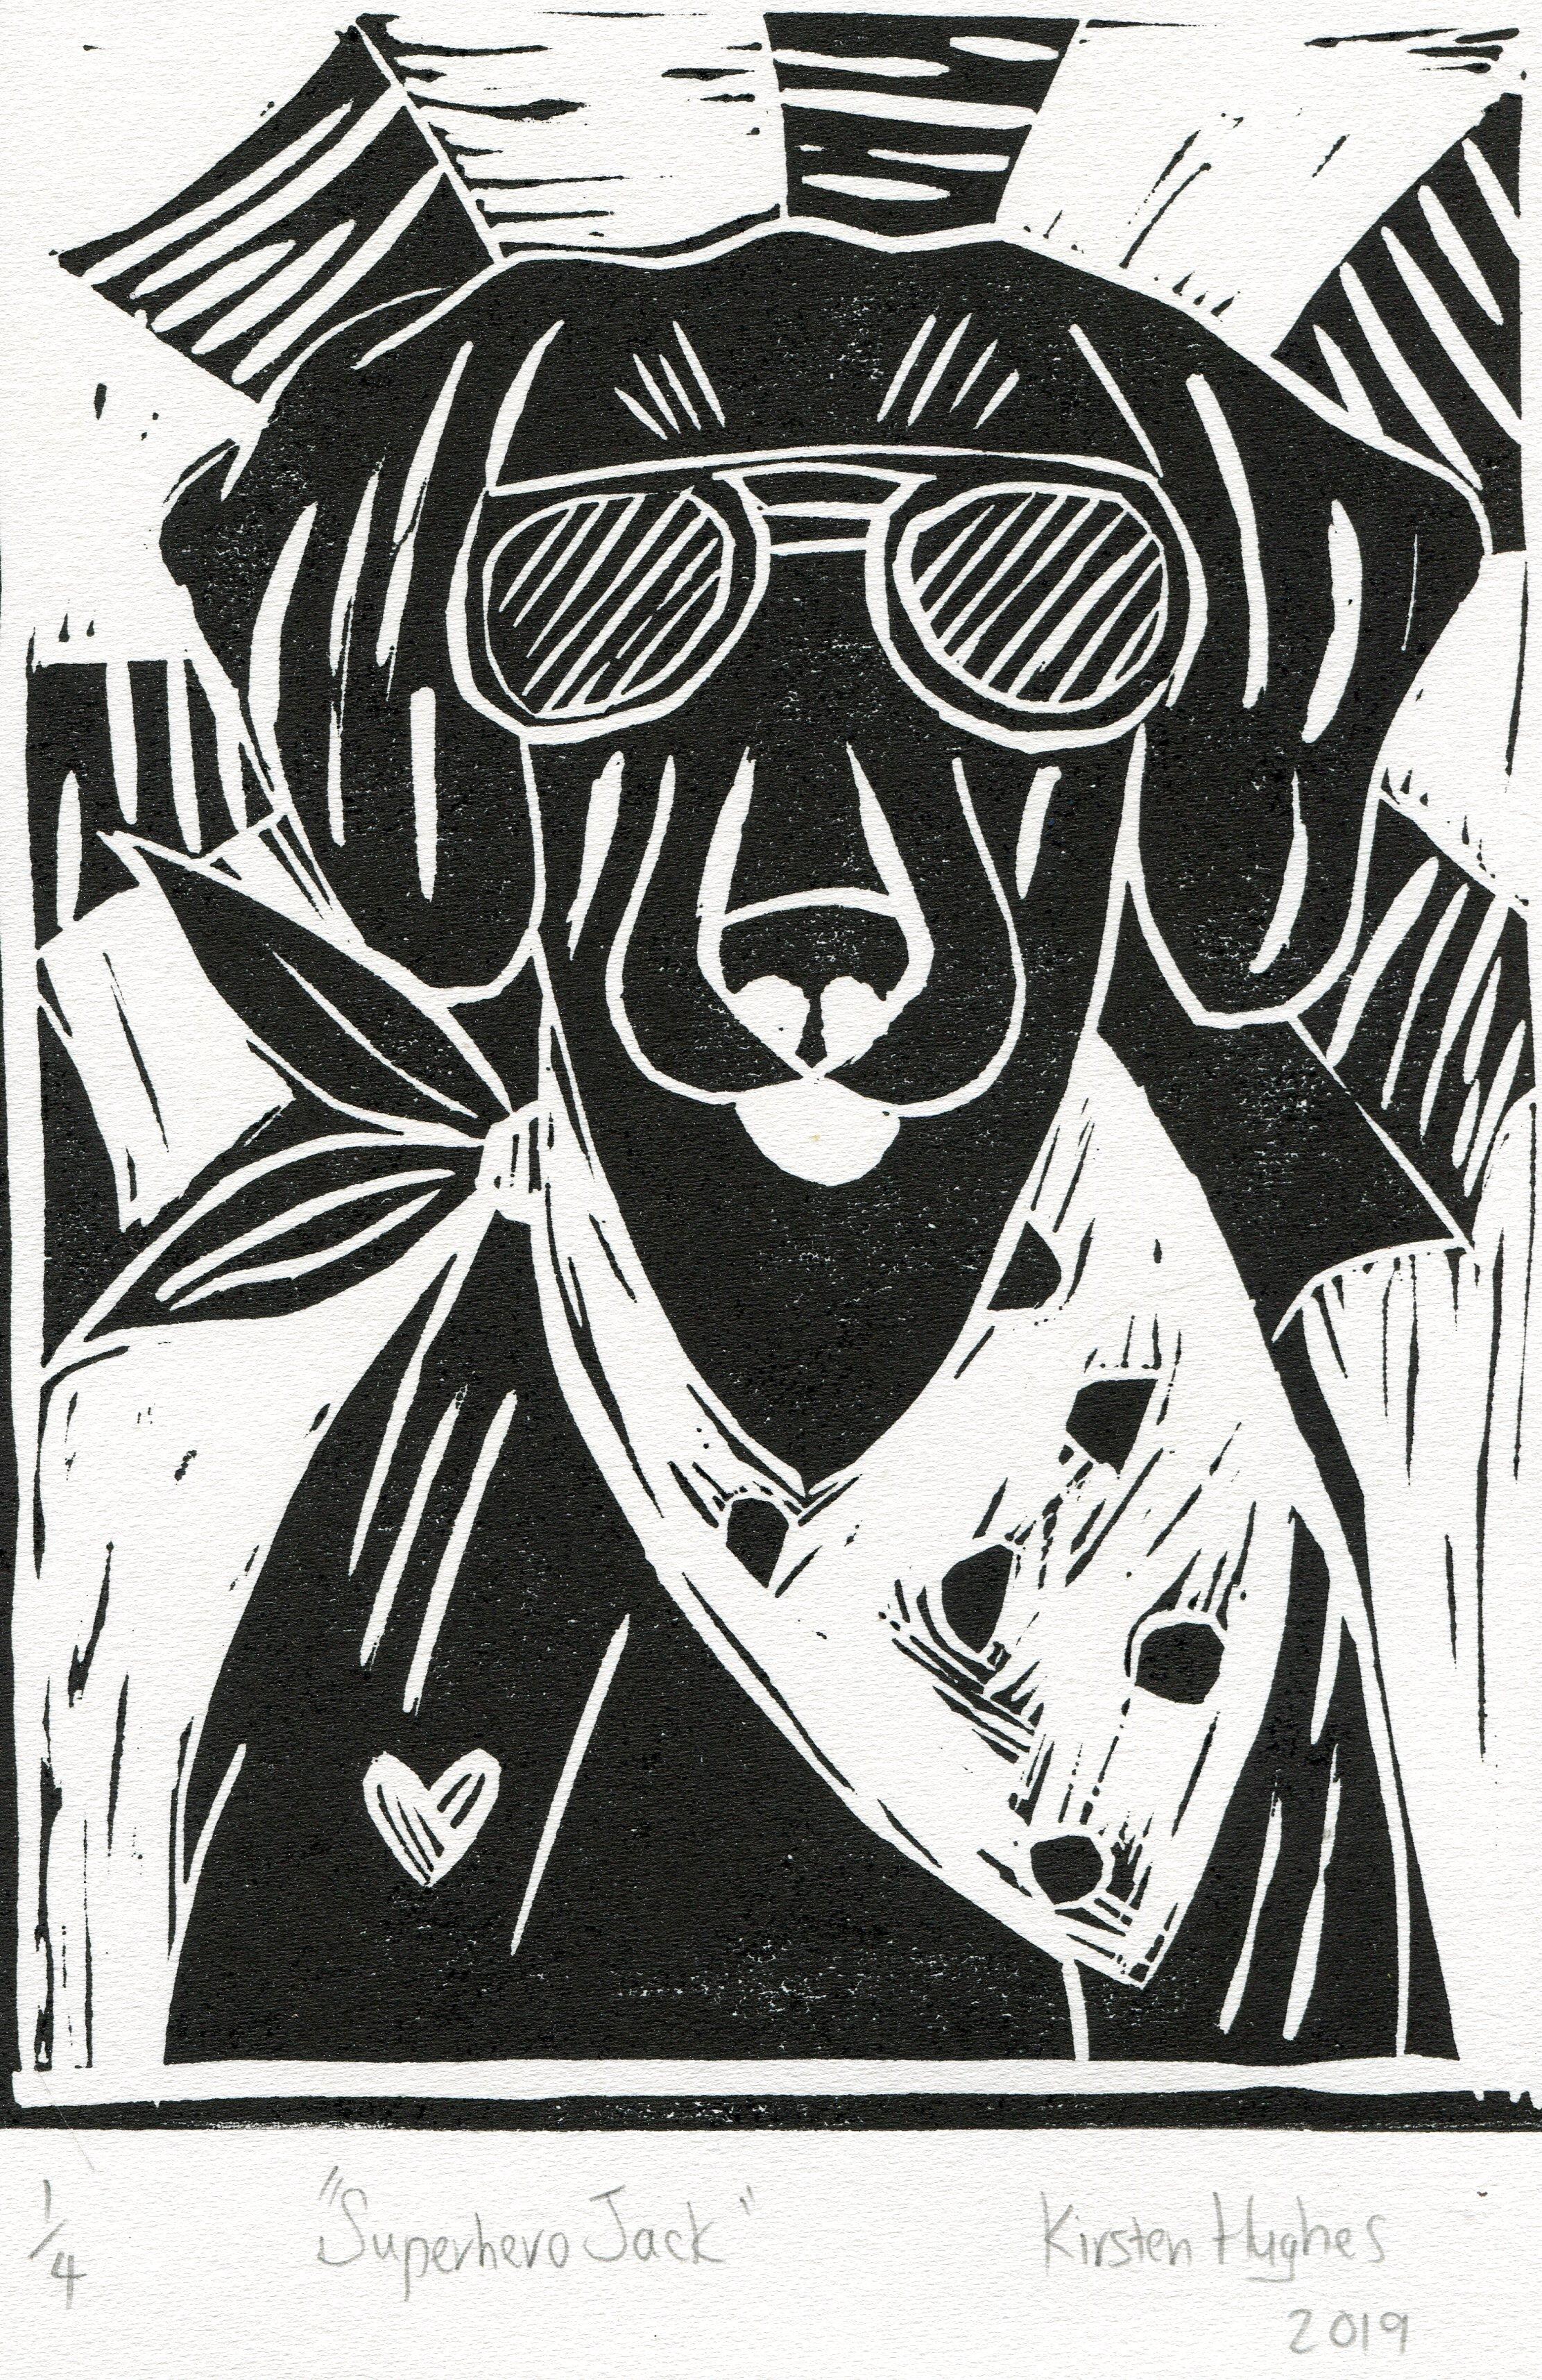 30a  Kirsten Rae Hughes  Superhero Jack  linocut print on paper